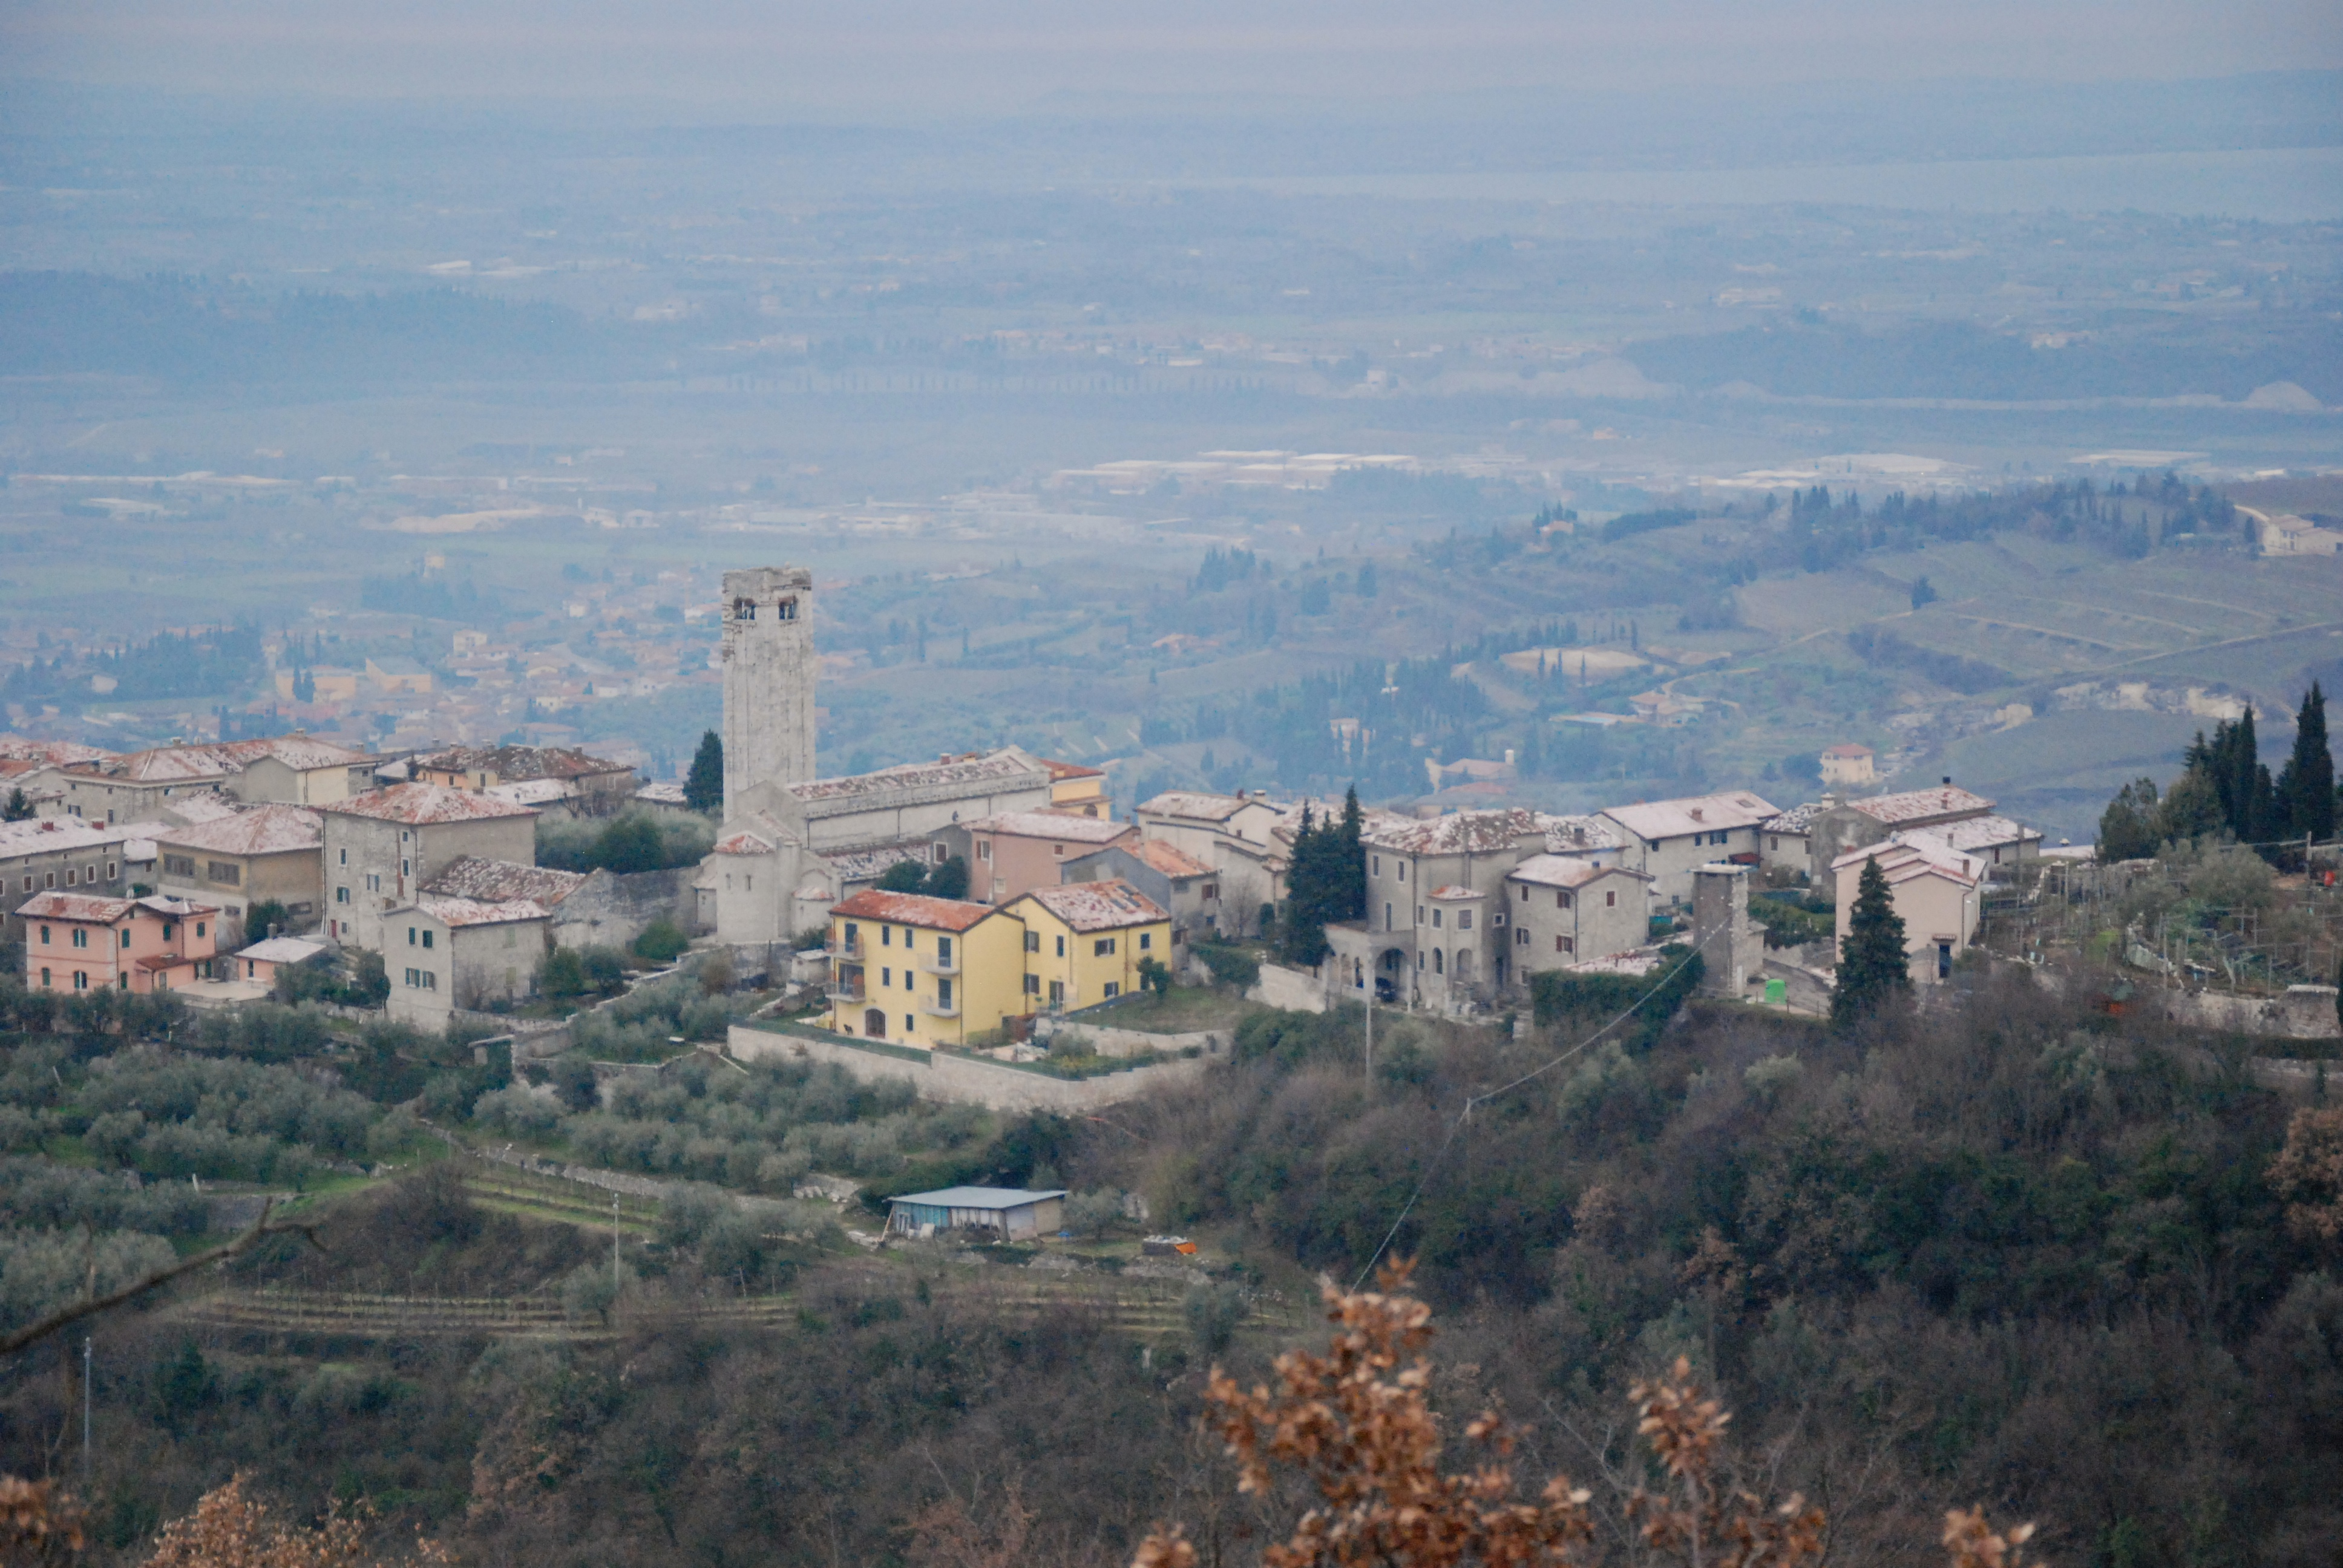 Borgo di S. Giorgio di Valpolicella